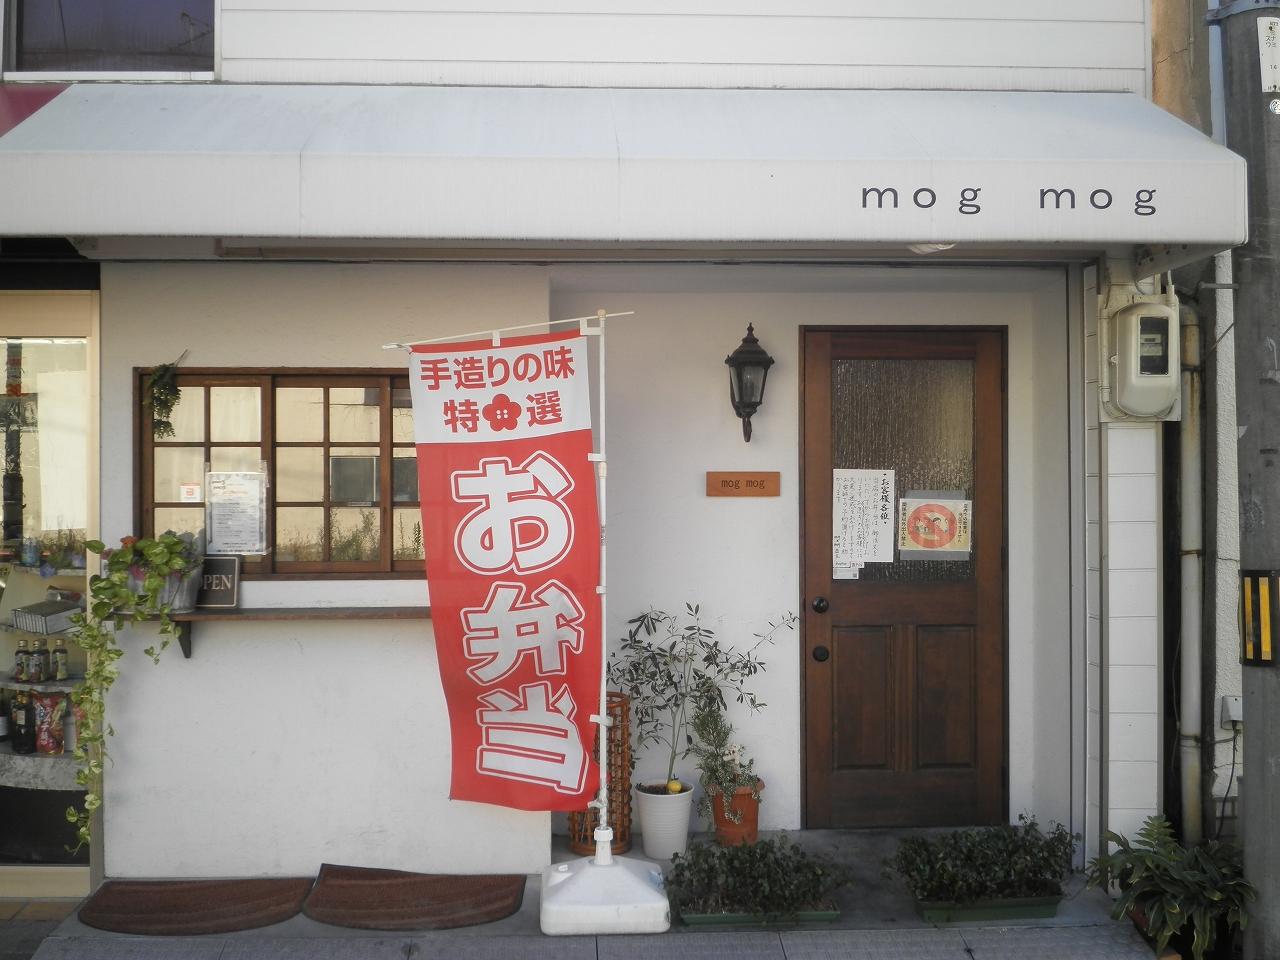 (9)お肉屋さんのランチ mogmog